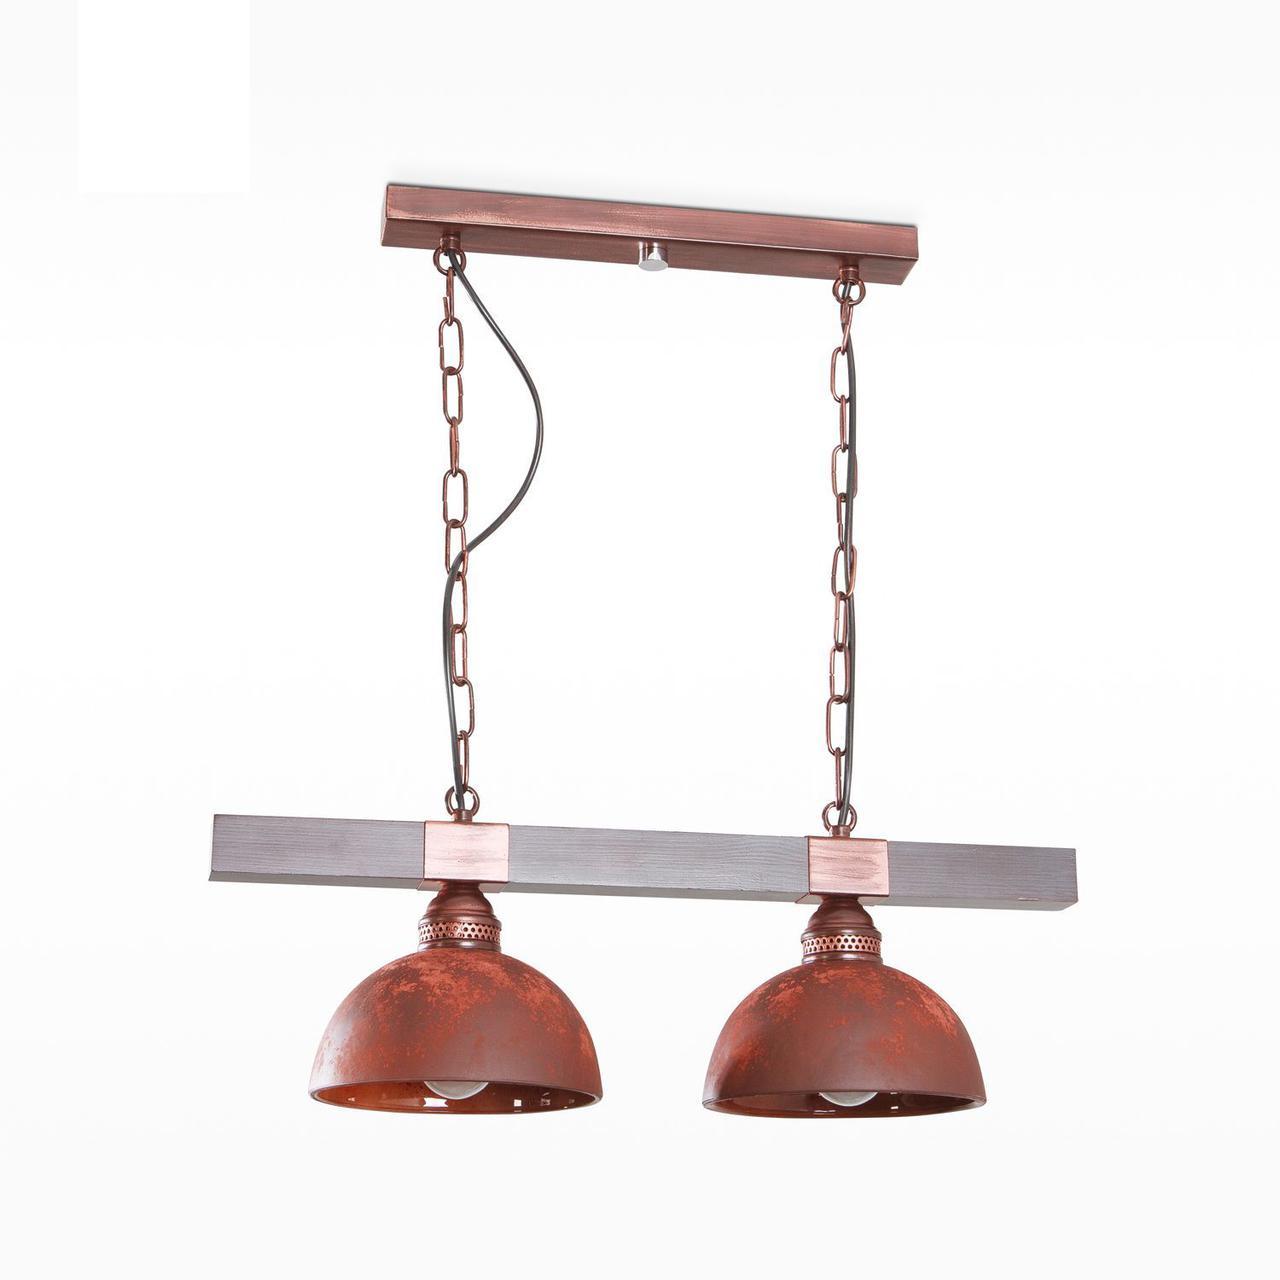 Люстра из дерева на цепях со стеклянными плафонами для кухни, кафе, ресторанов 40303-1